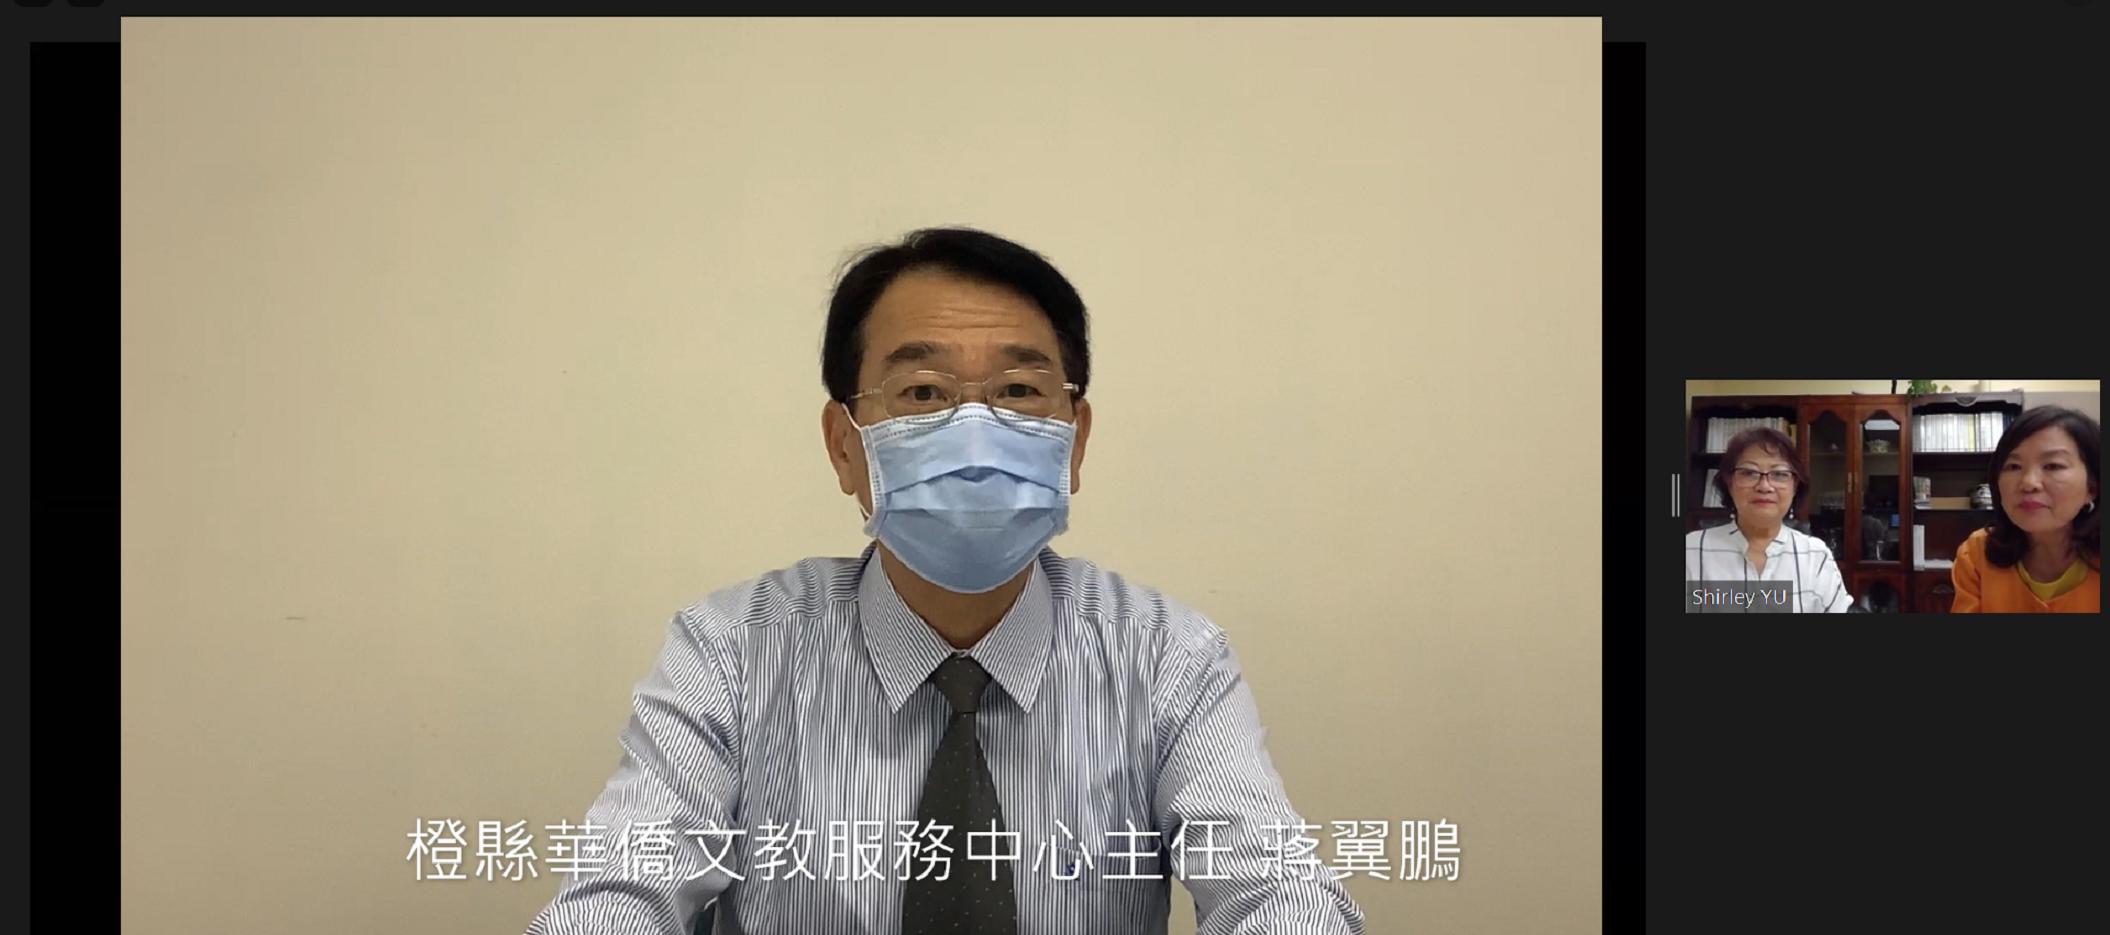 柑县台美商会财务讲座:把握低利率作策略规划